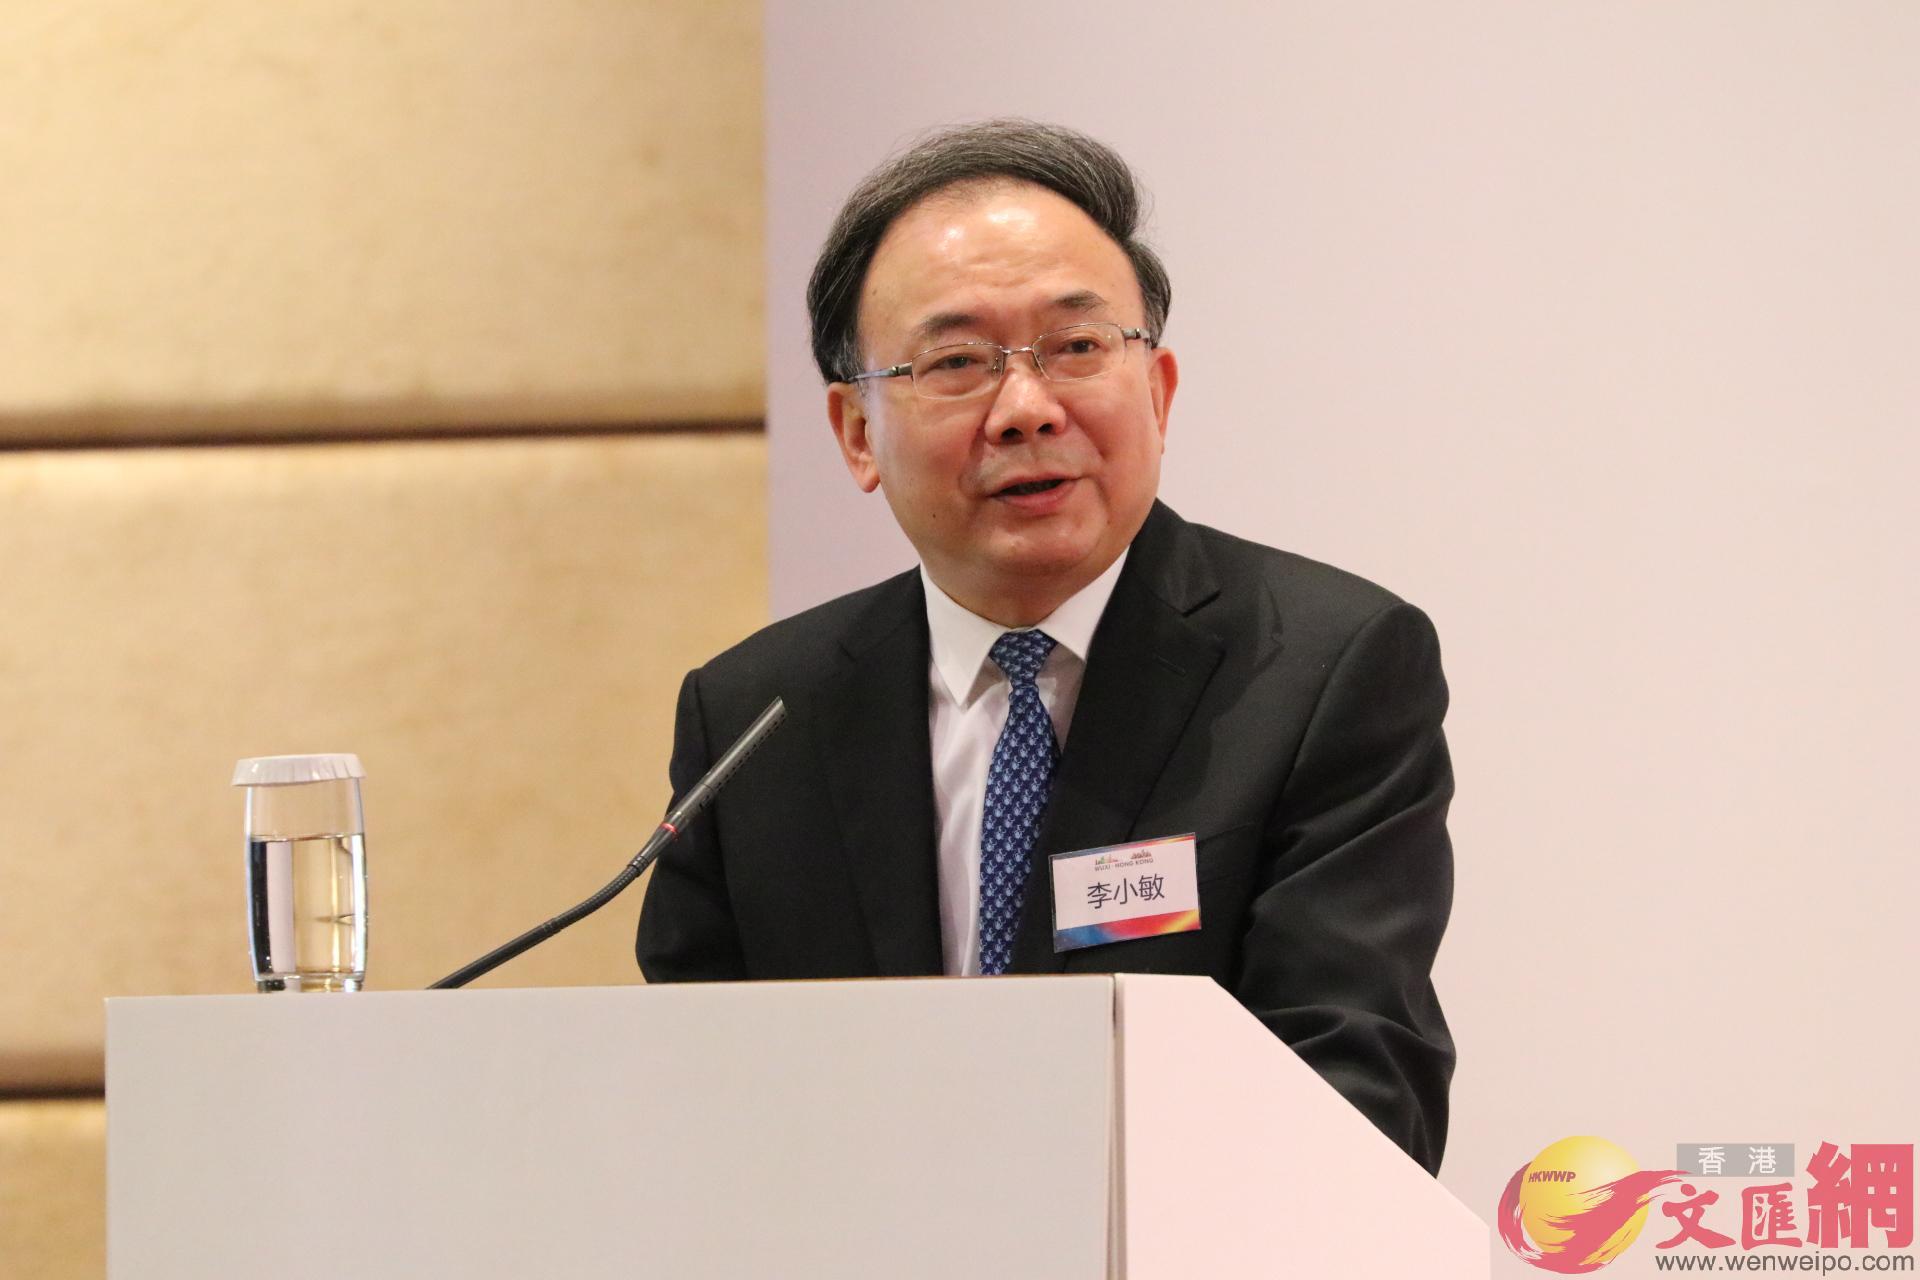 江蘇省委常委、無錫市委書記李小敏致辭